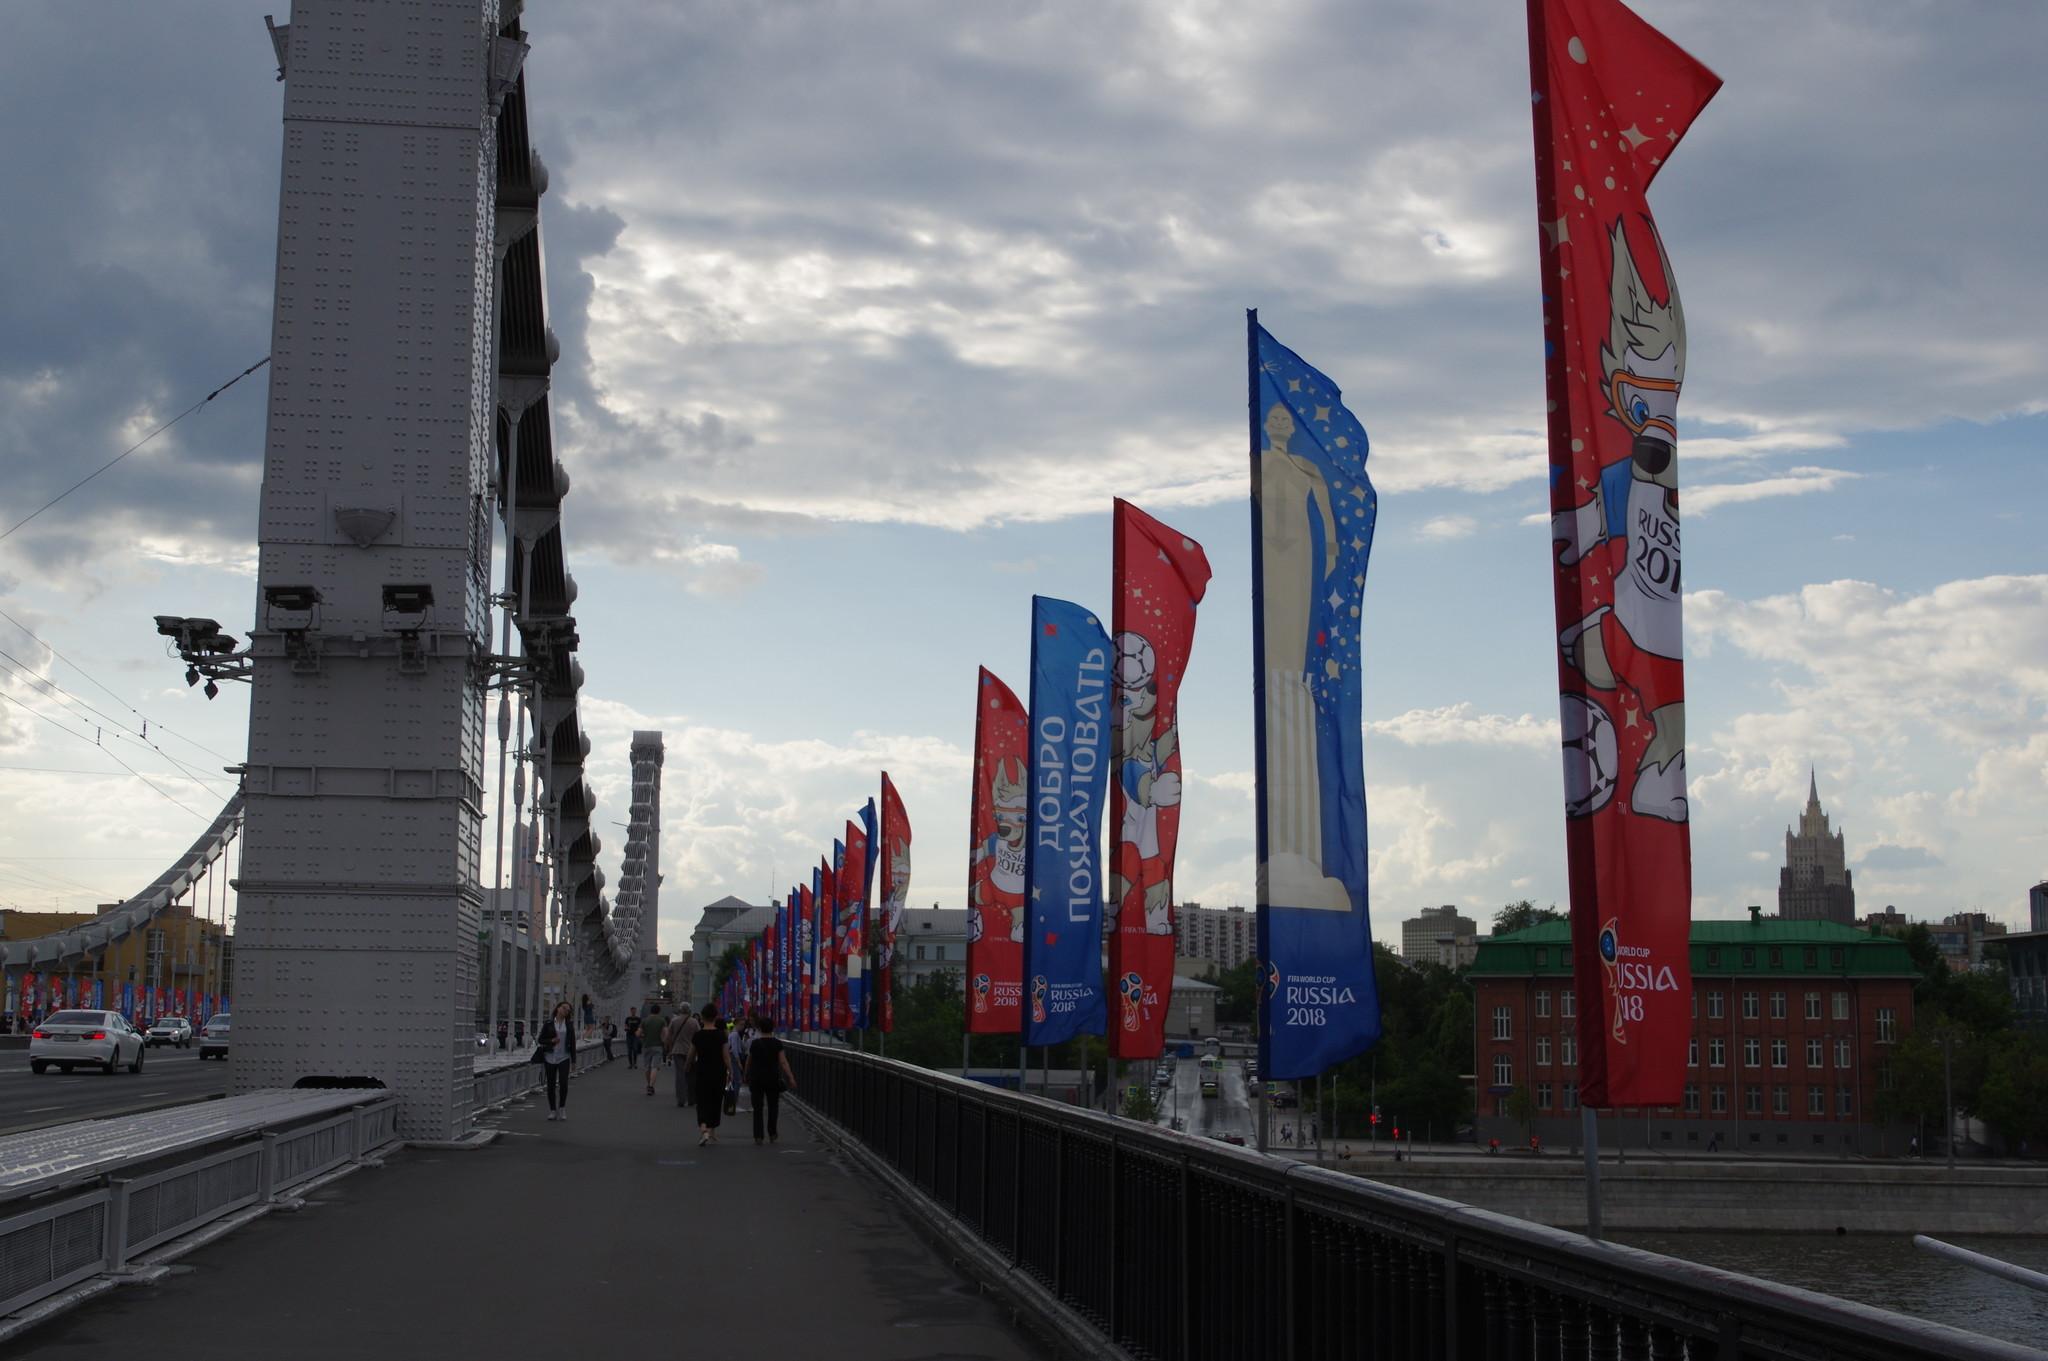 Флаги с символикой чемпионата мира по футболу на Крымском мосту